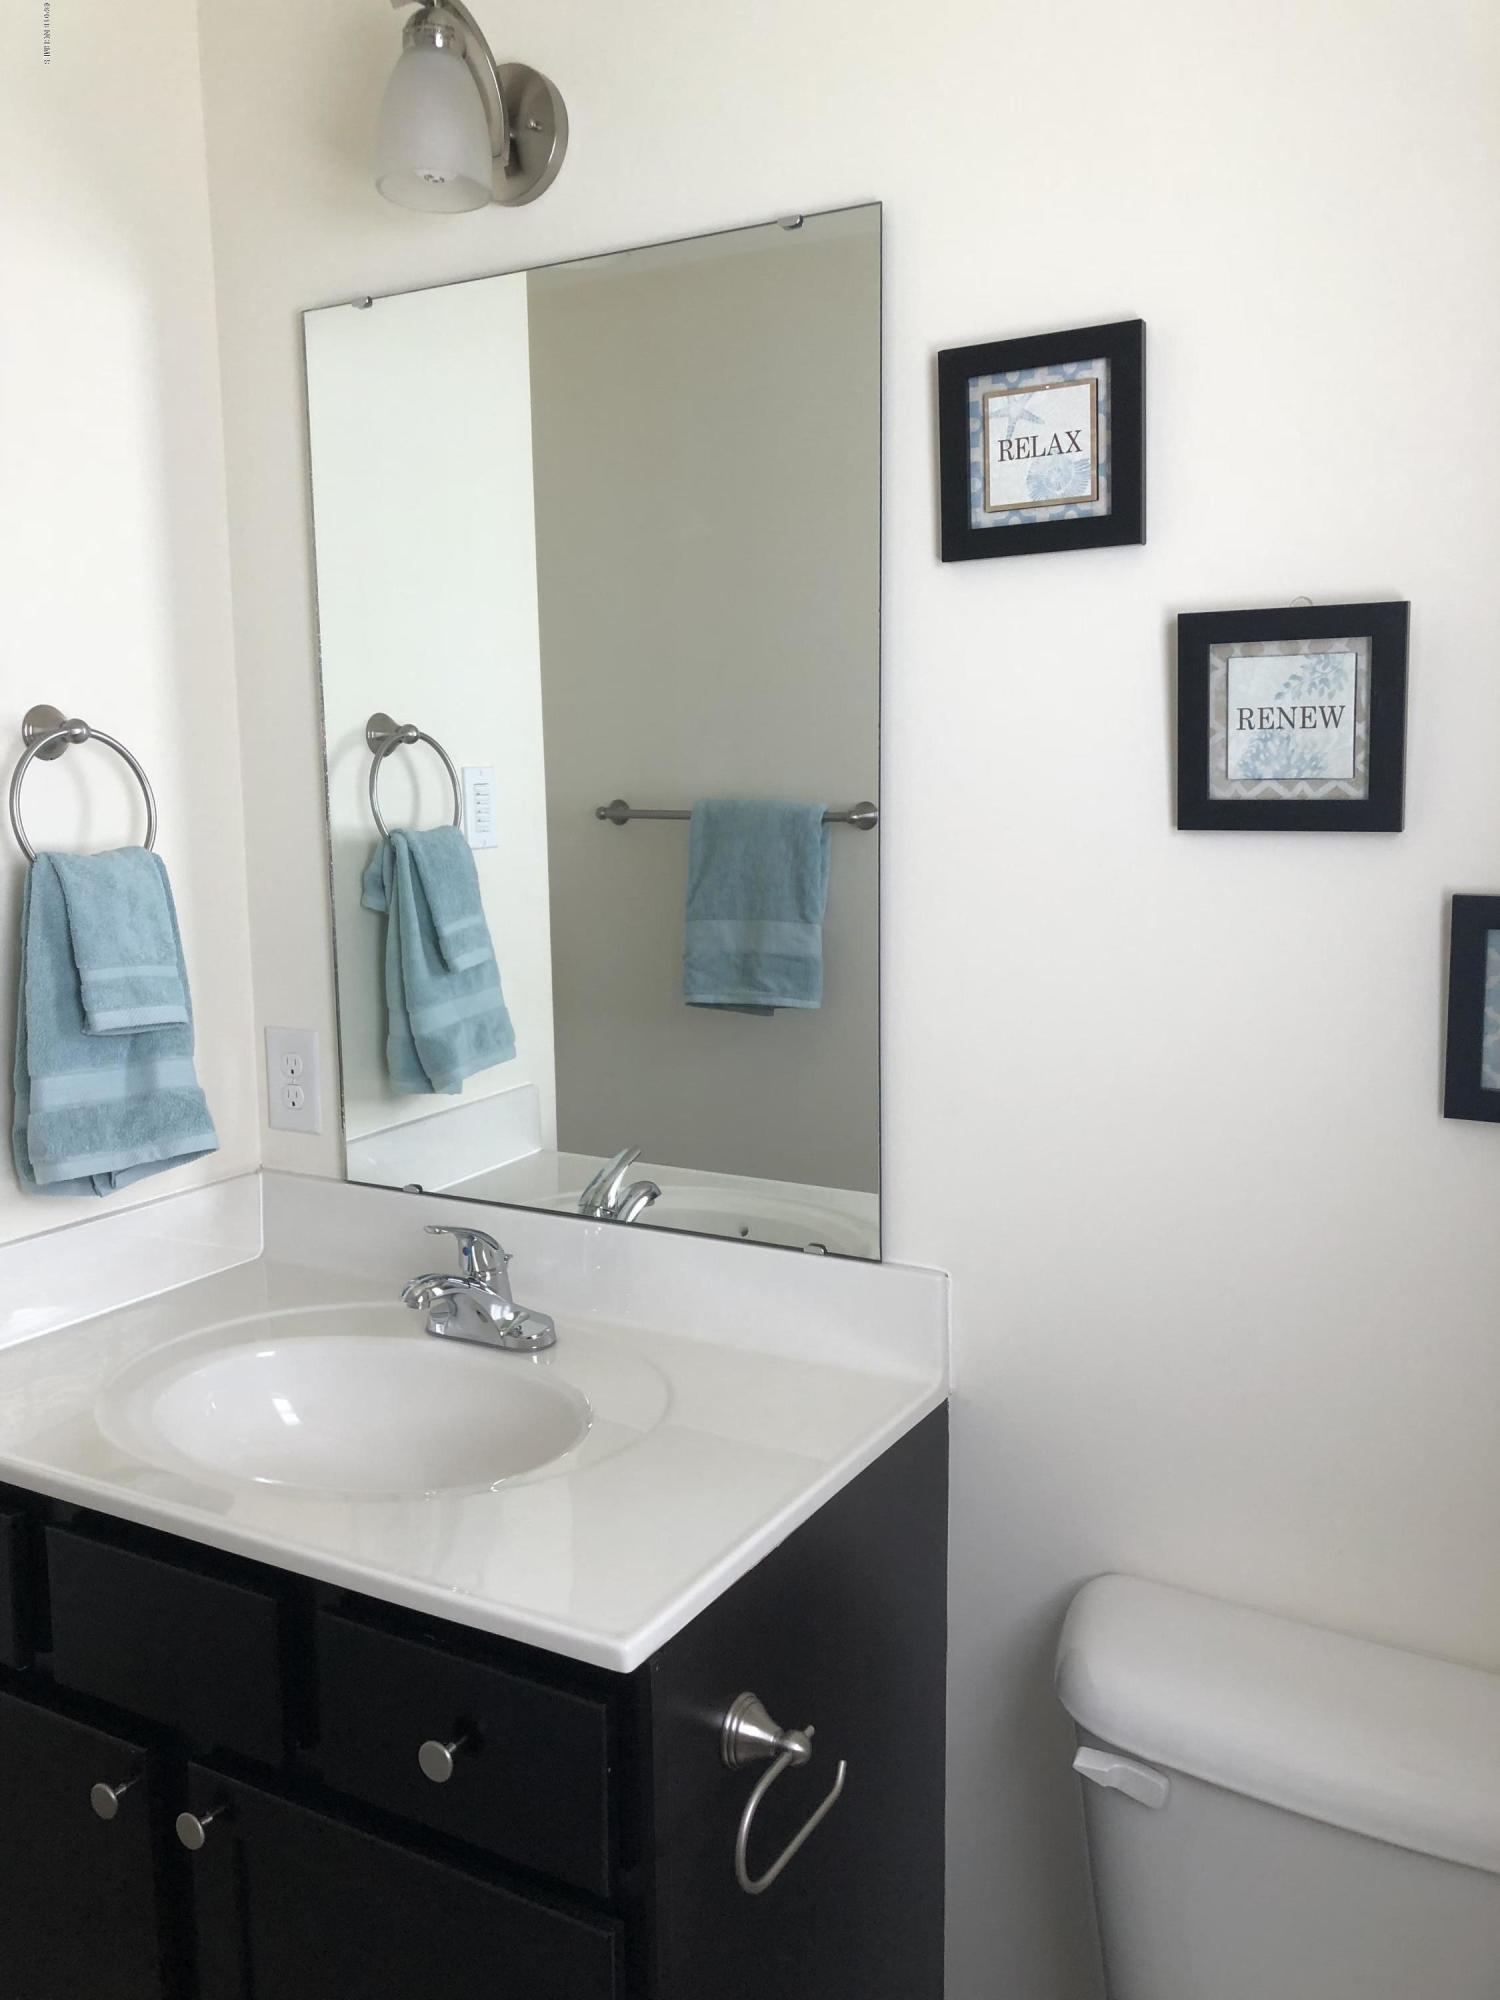 2318 Caracara Drive,New Bern,North Carolina,3 Bedrooms Bedrooms,7 Rooms Rooms,2 BathroomsBathrooms,Single family residence,Caracara,100106345